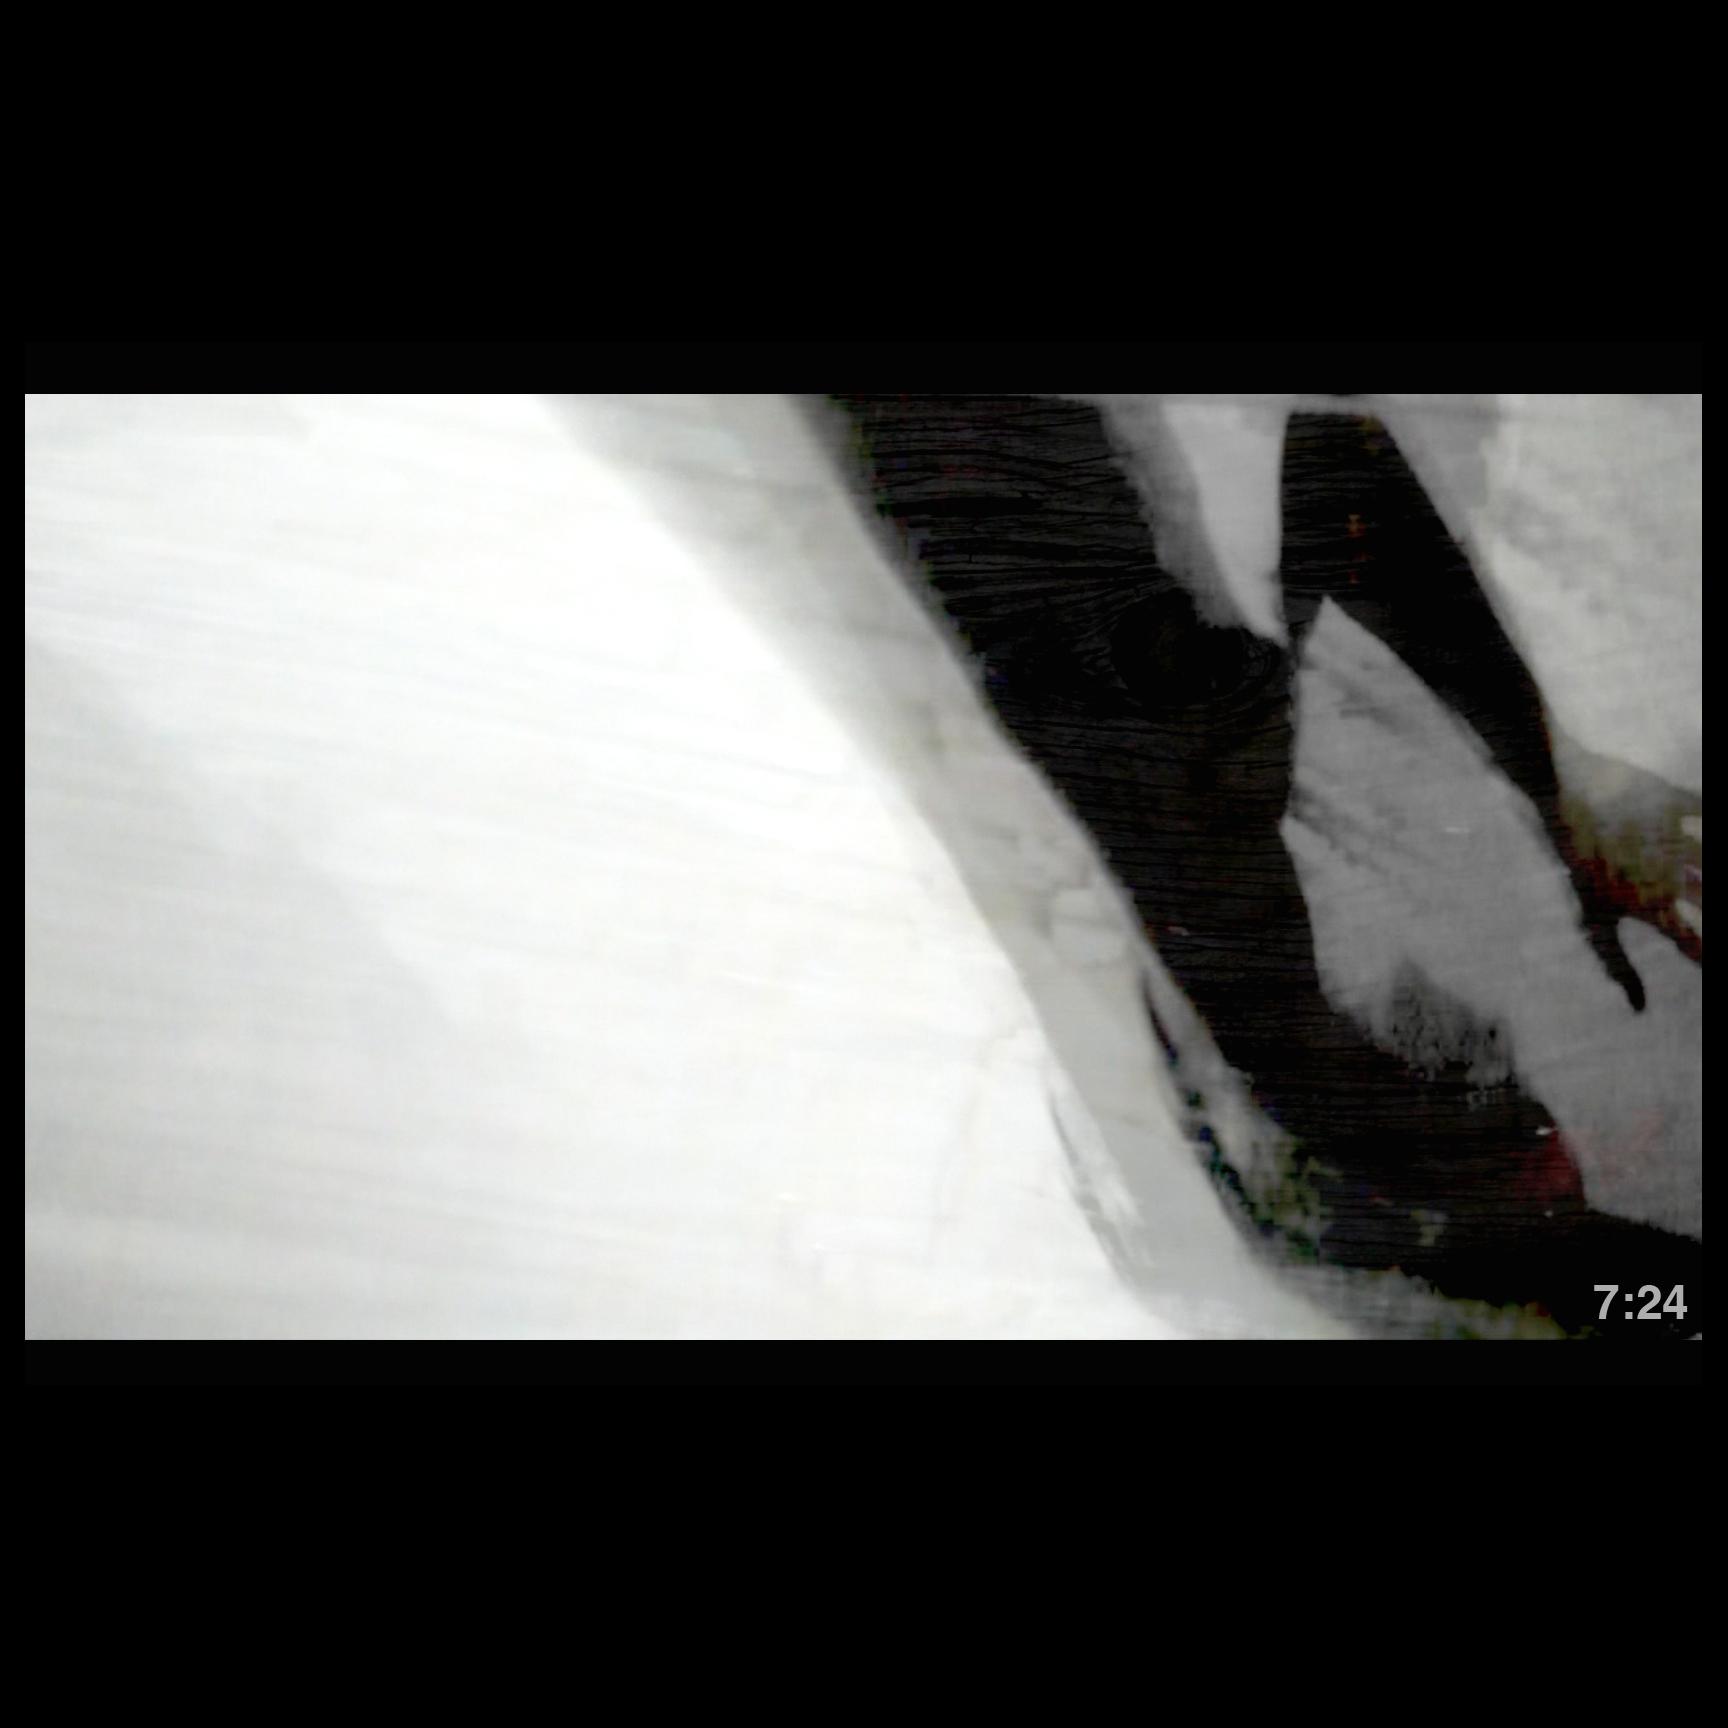 Still of video